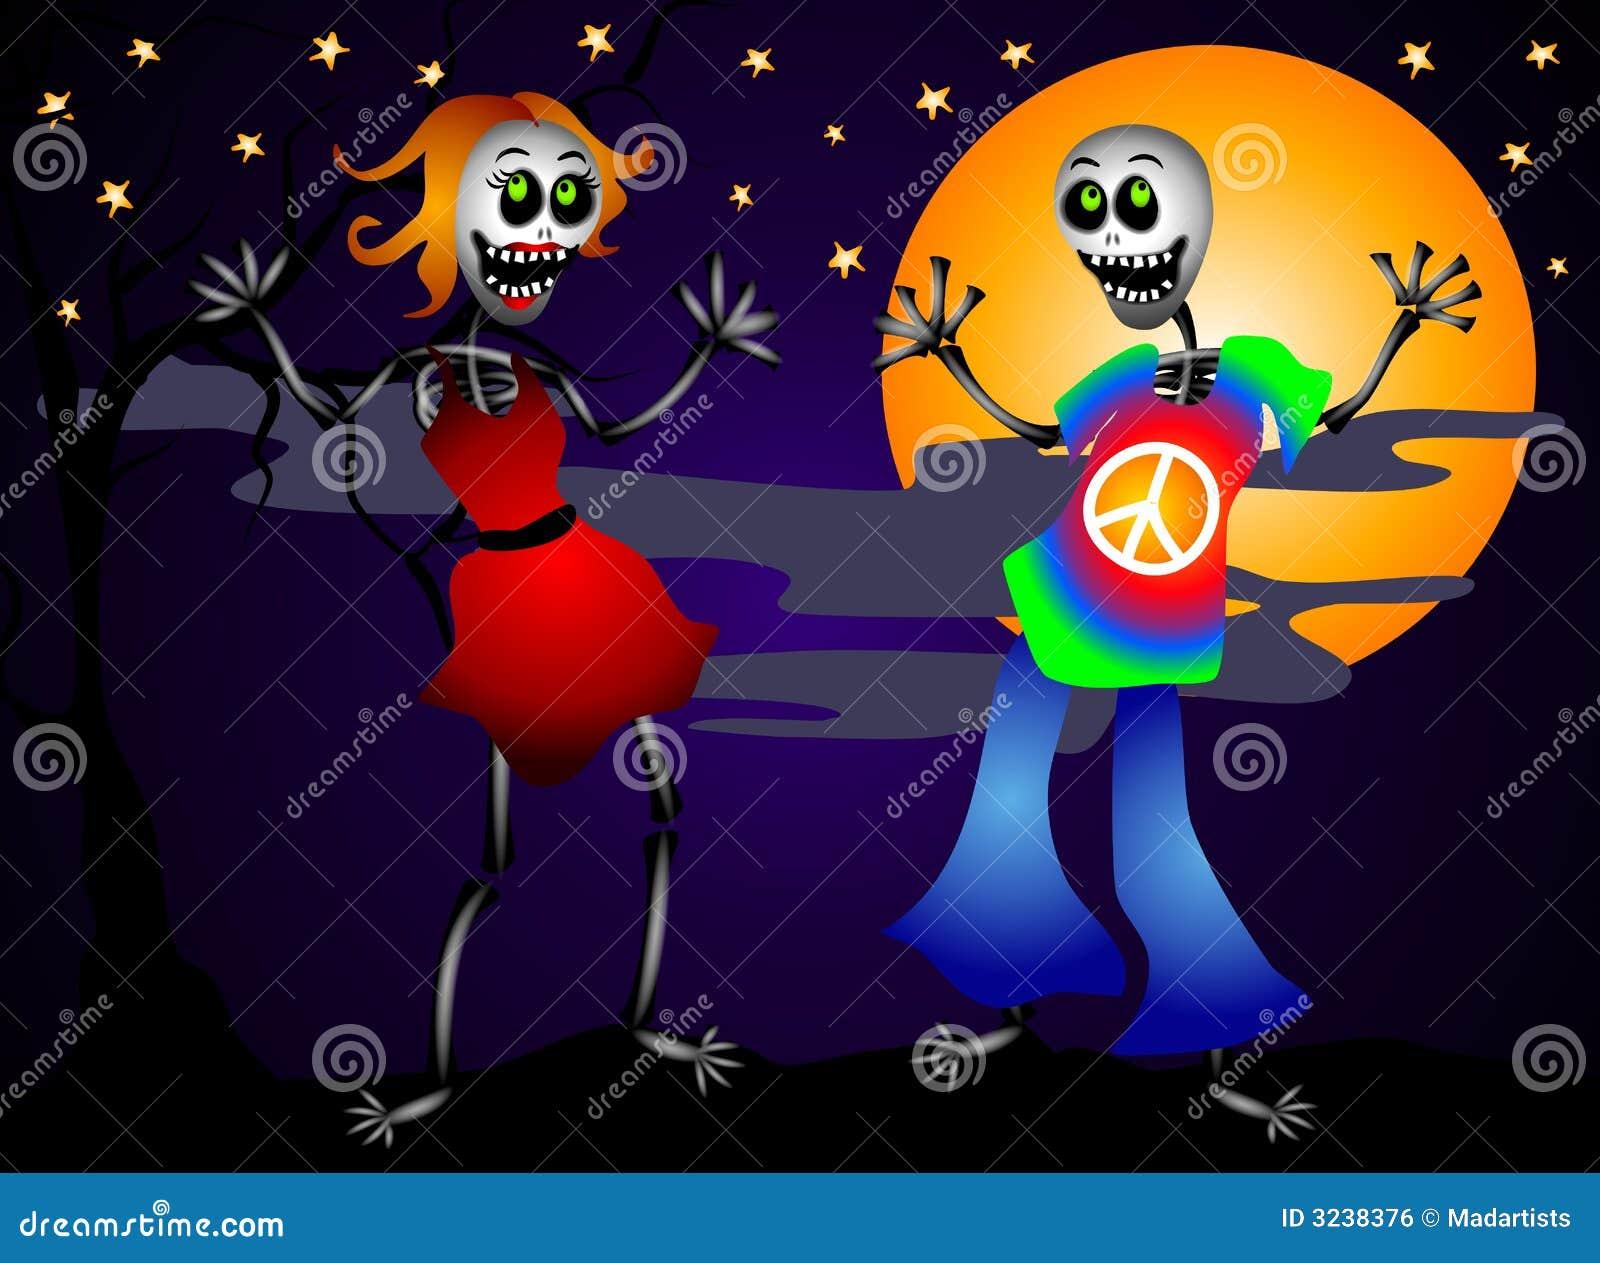 dancing halloween - Dancing Halloween